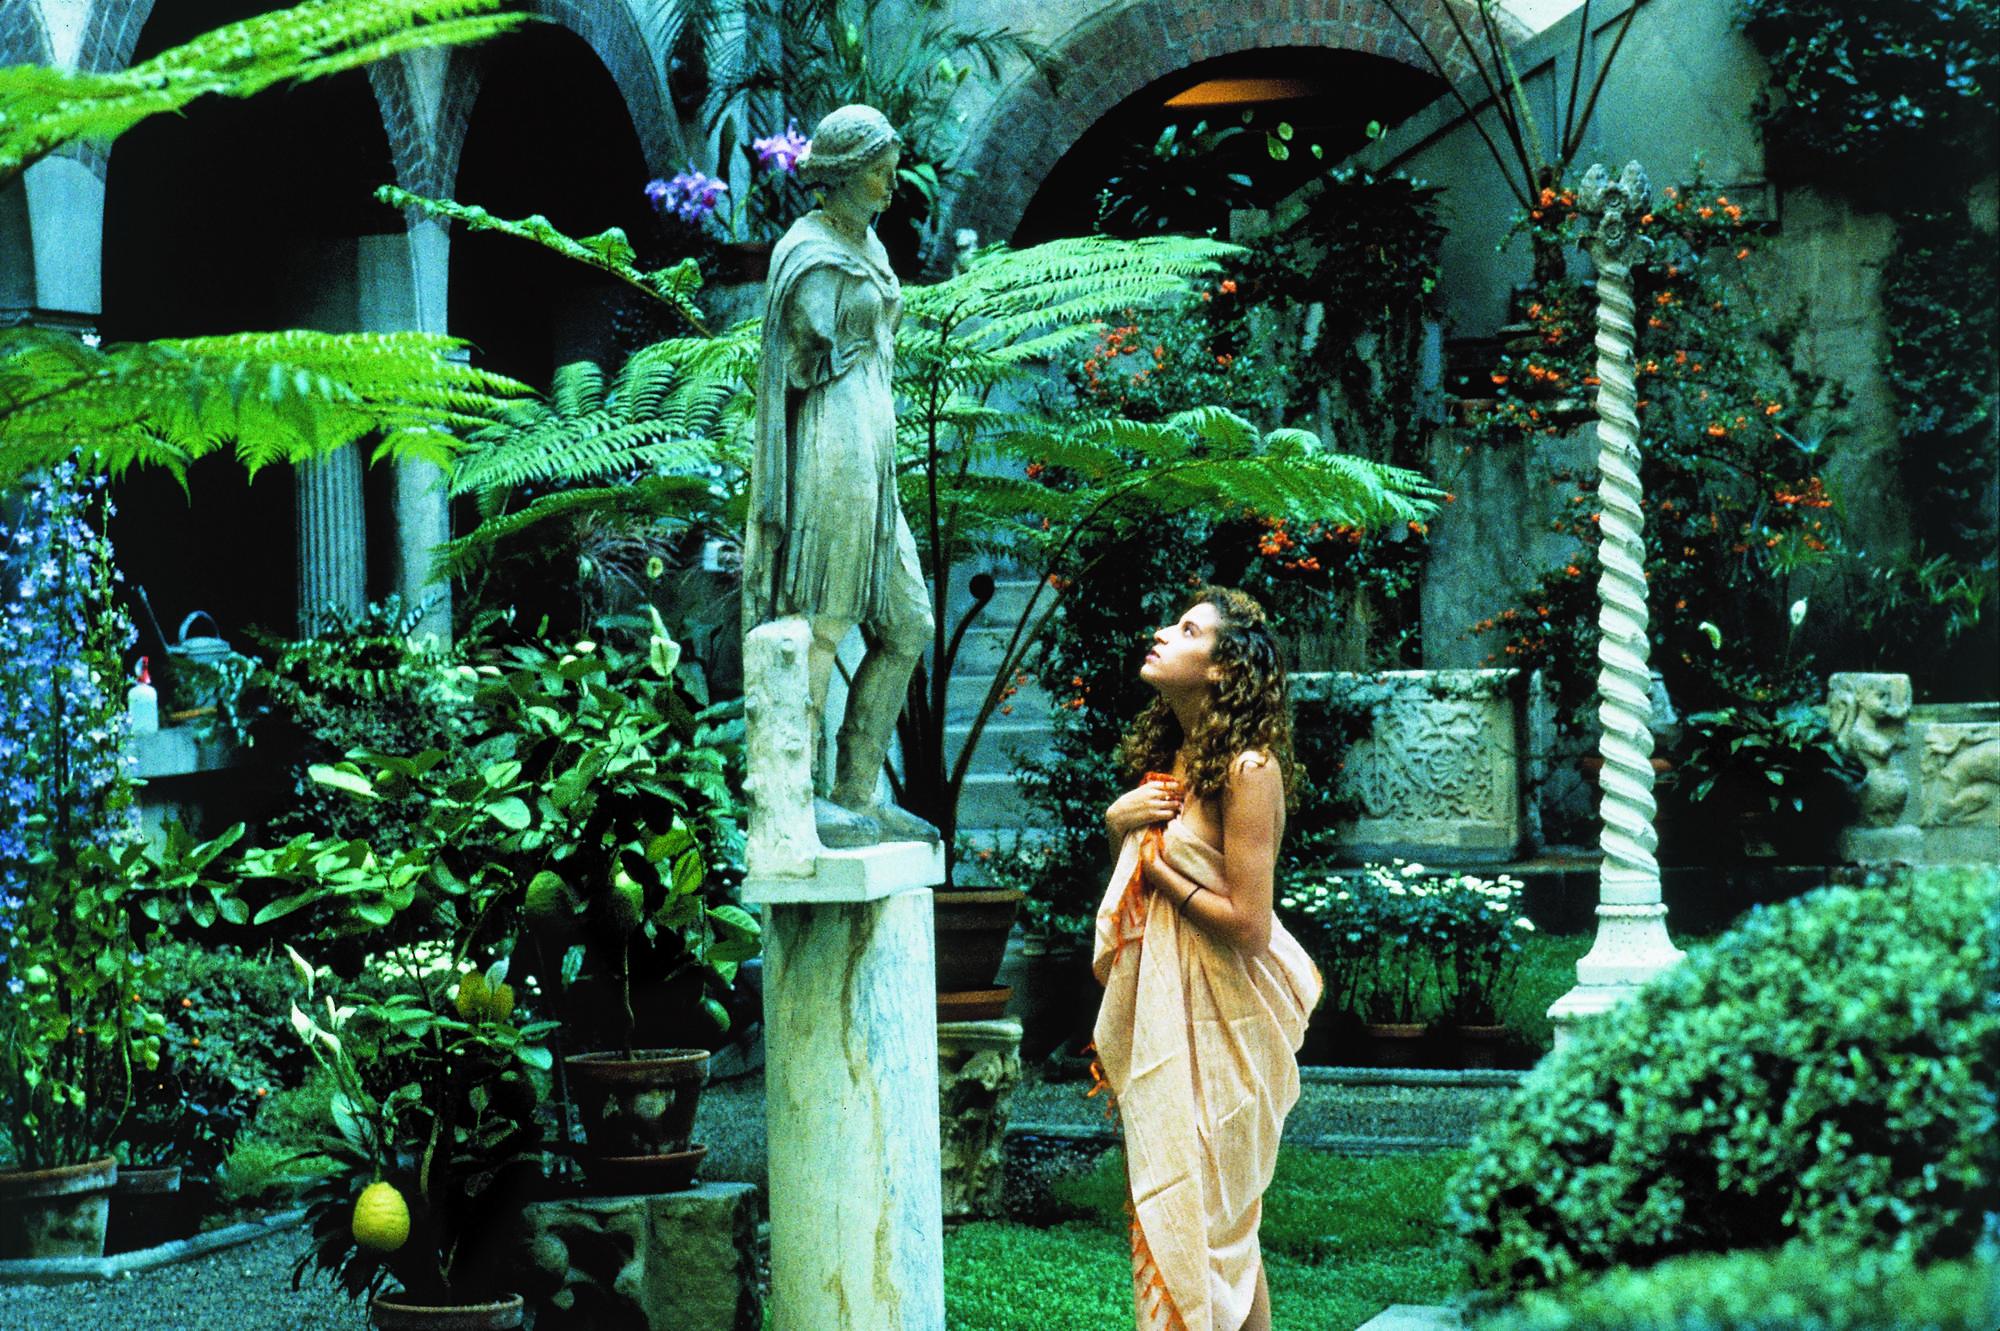 Dorit Cypis, Madeline in Garden, 1993, Courtyard, Isabella Stewart Gardner Museum, Boston.